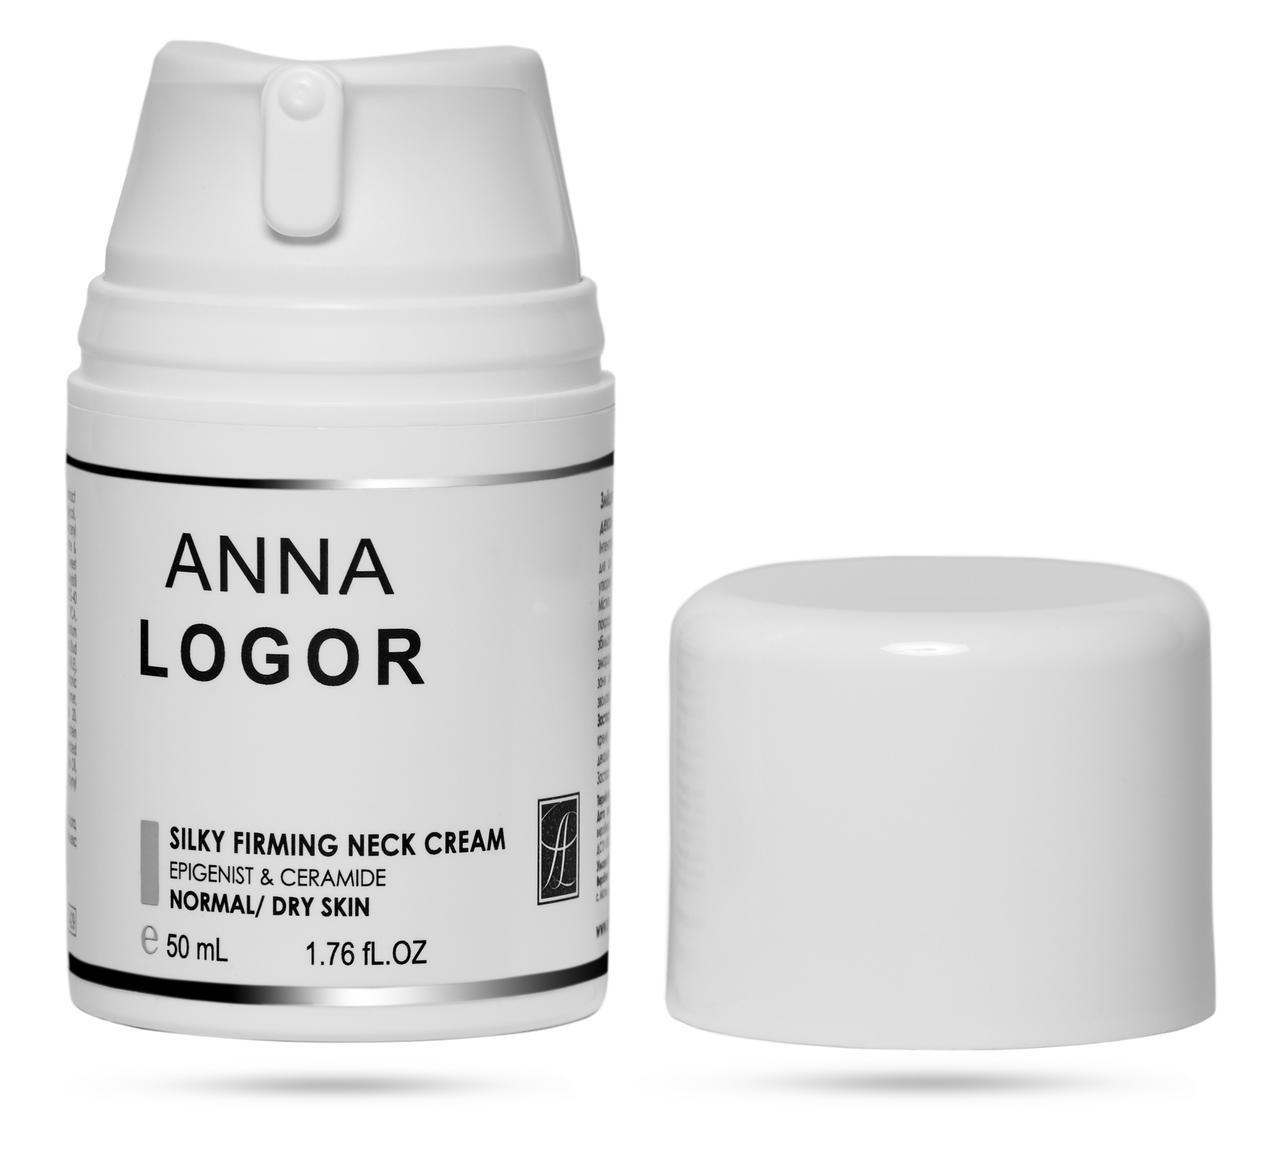 Зміцнюючий крем для шиї та декольте Анна Логор / Anna Logor Silky Firming Neck Cream 50 мл Код 429